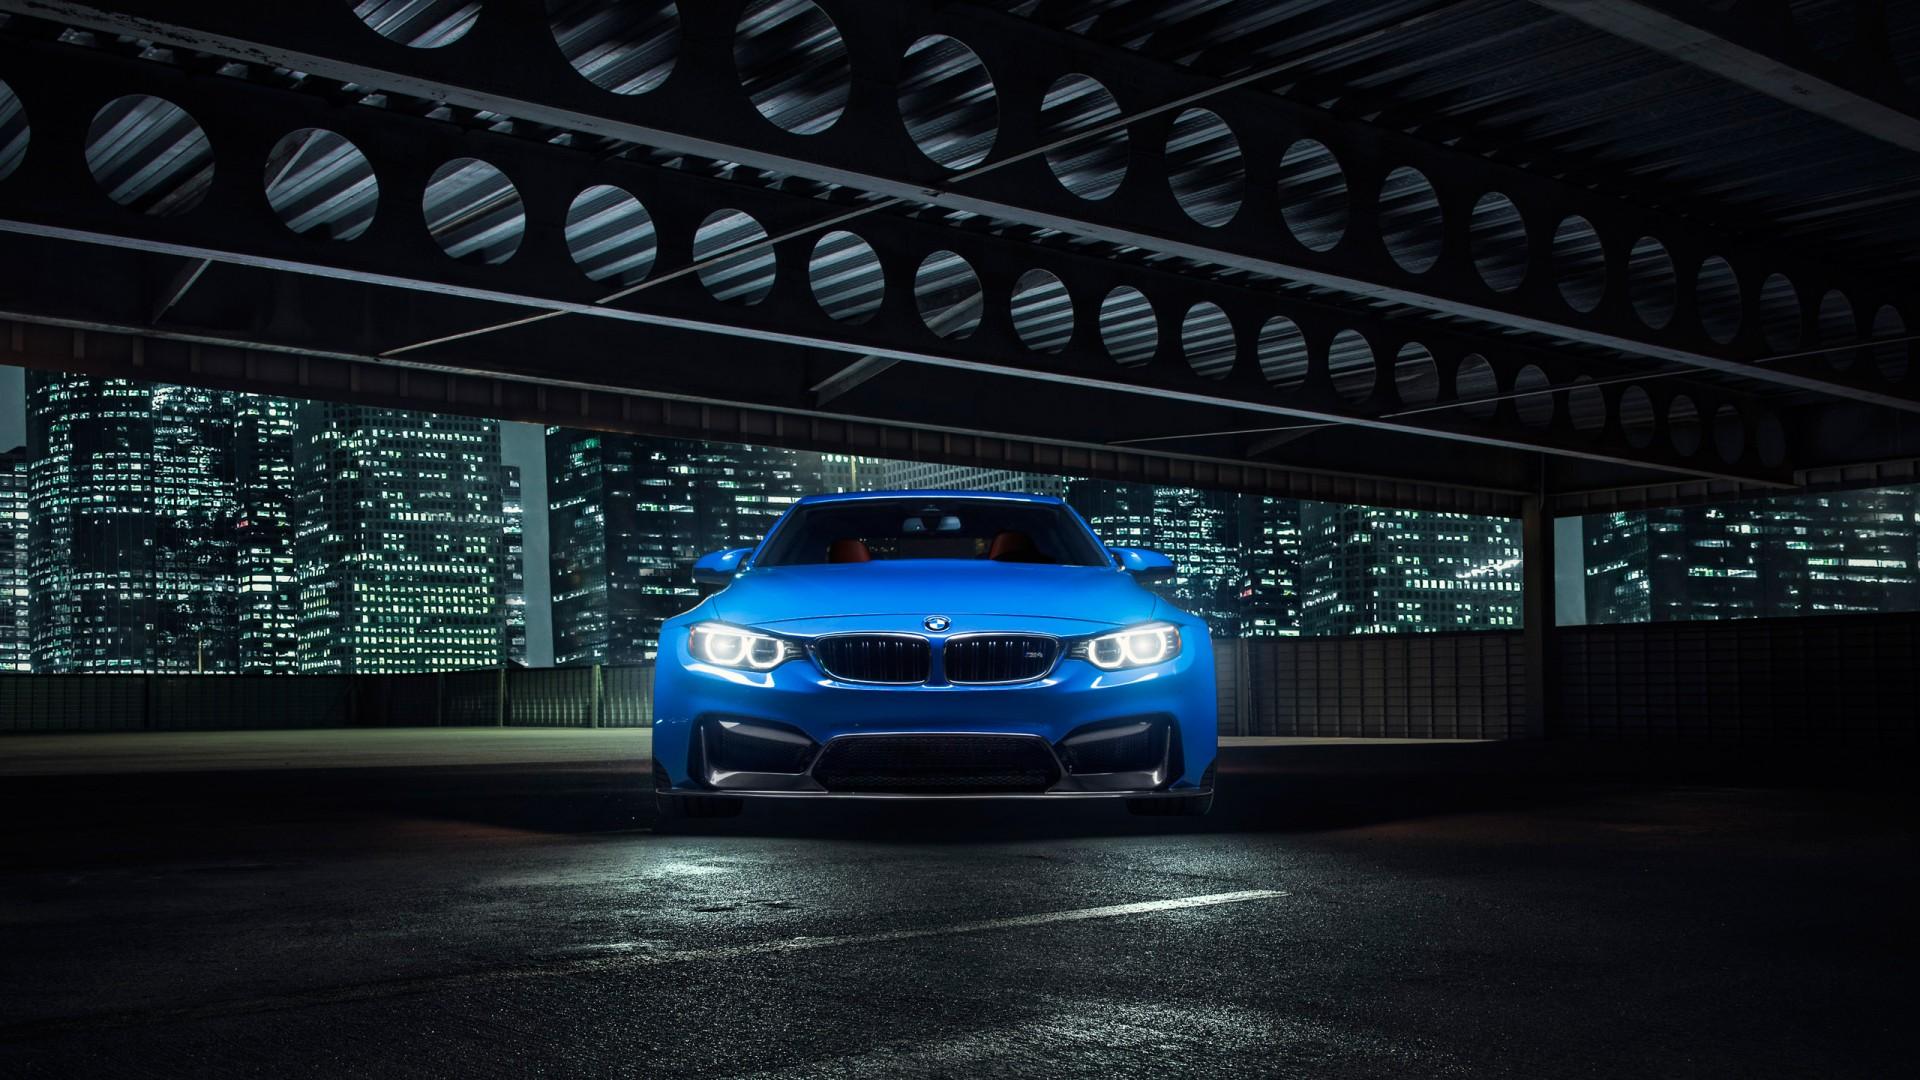 8k Car Wallpaper Download 2015 Vorsteiner Bmw Yas Marina Blue Gtrs4 Anniversary